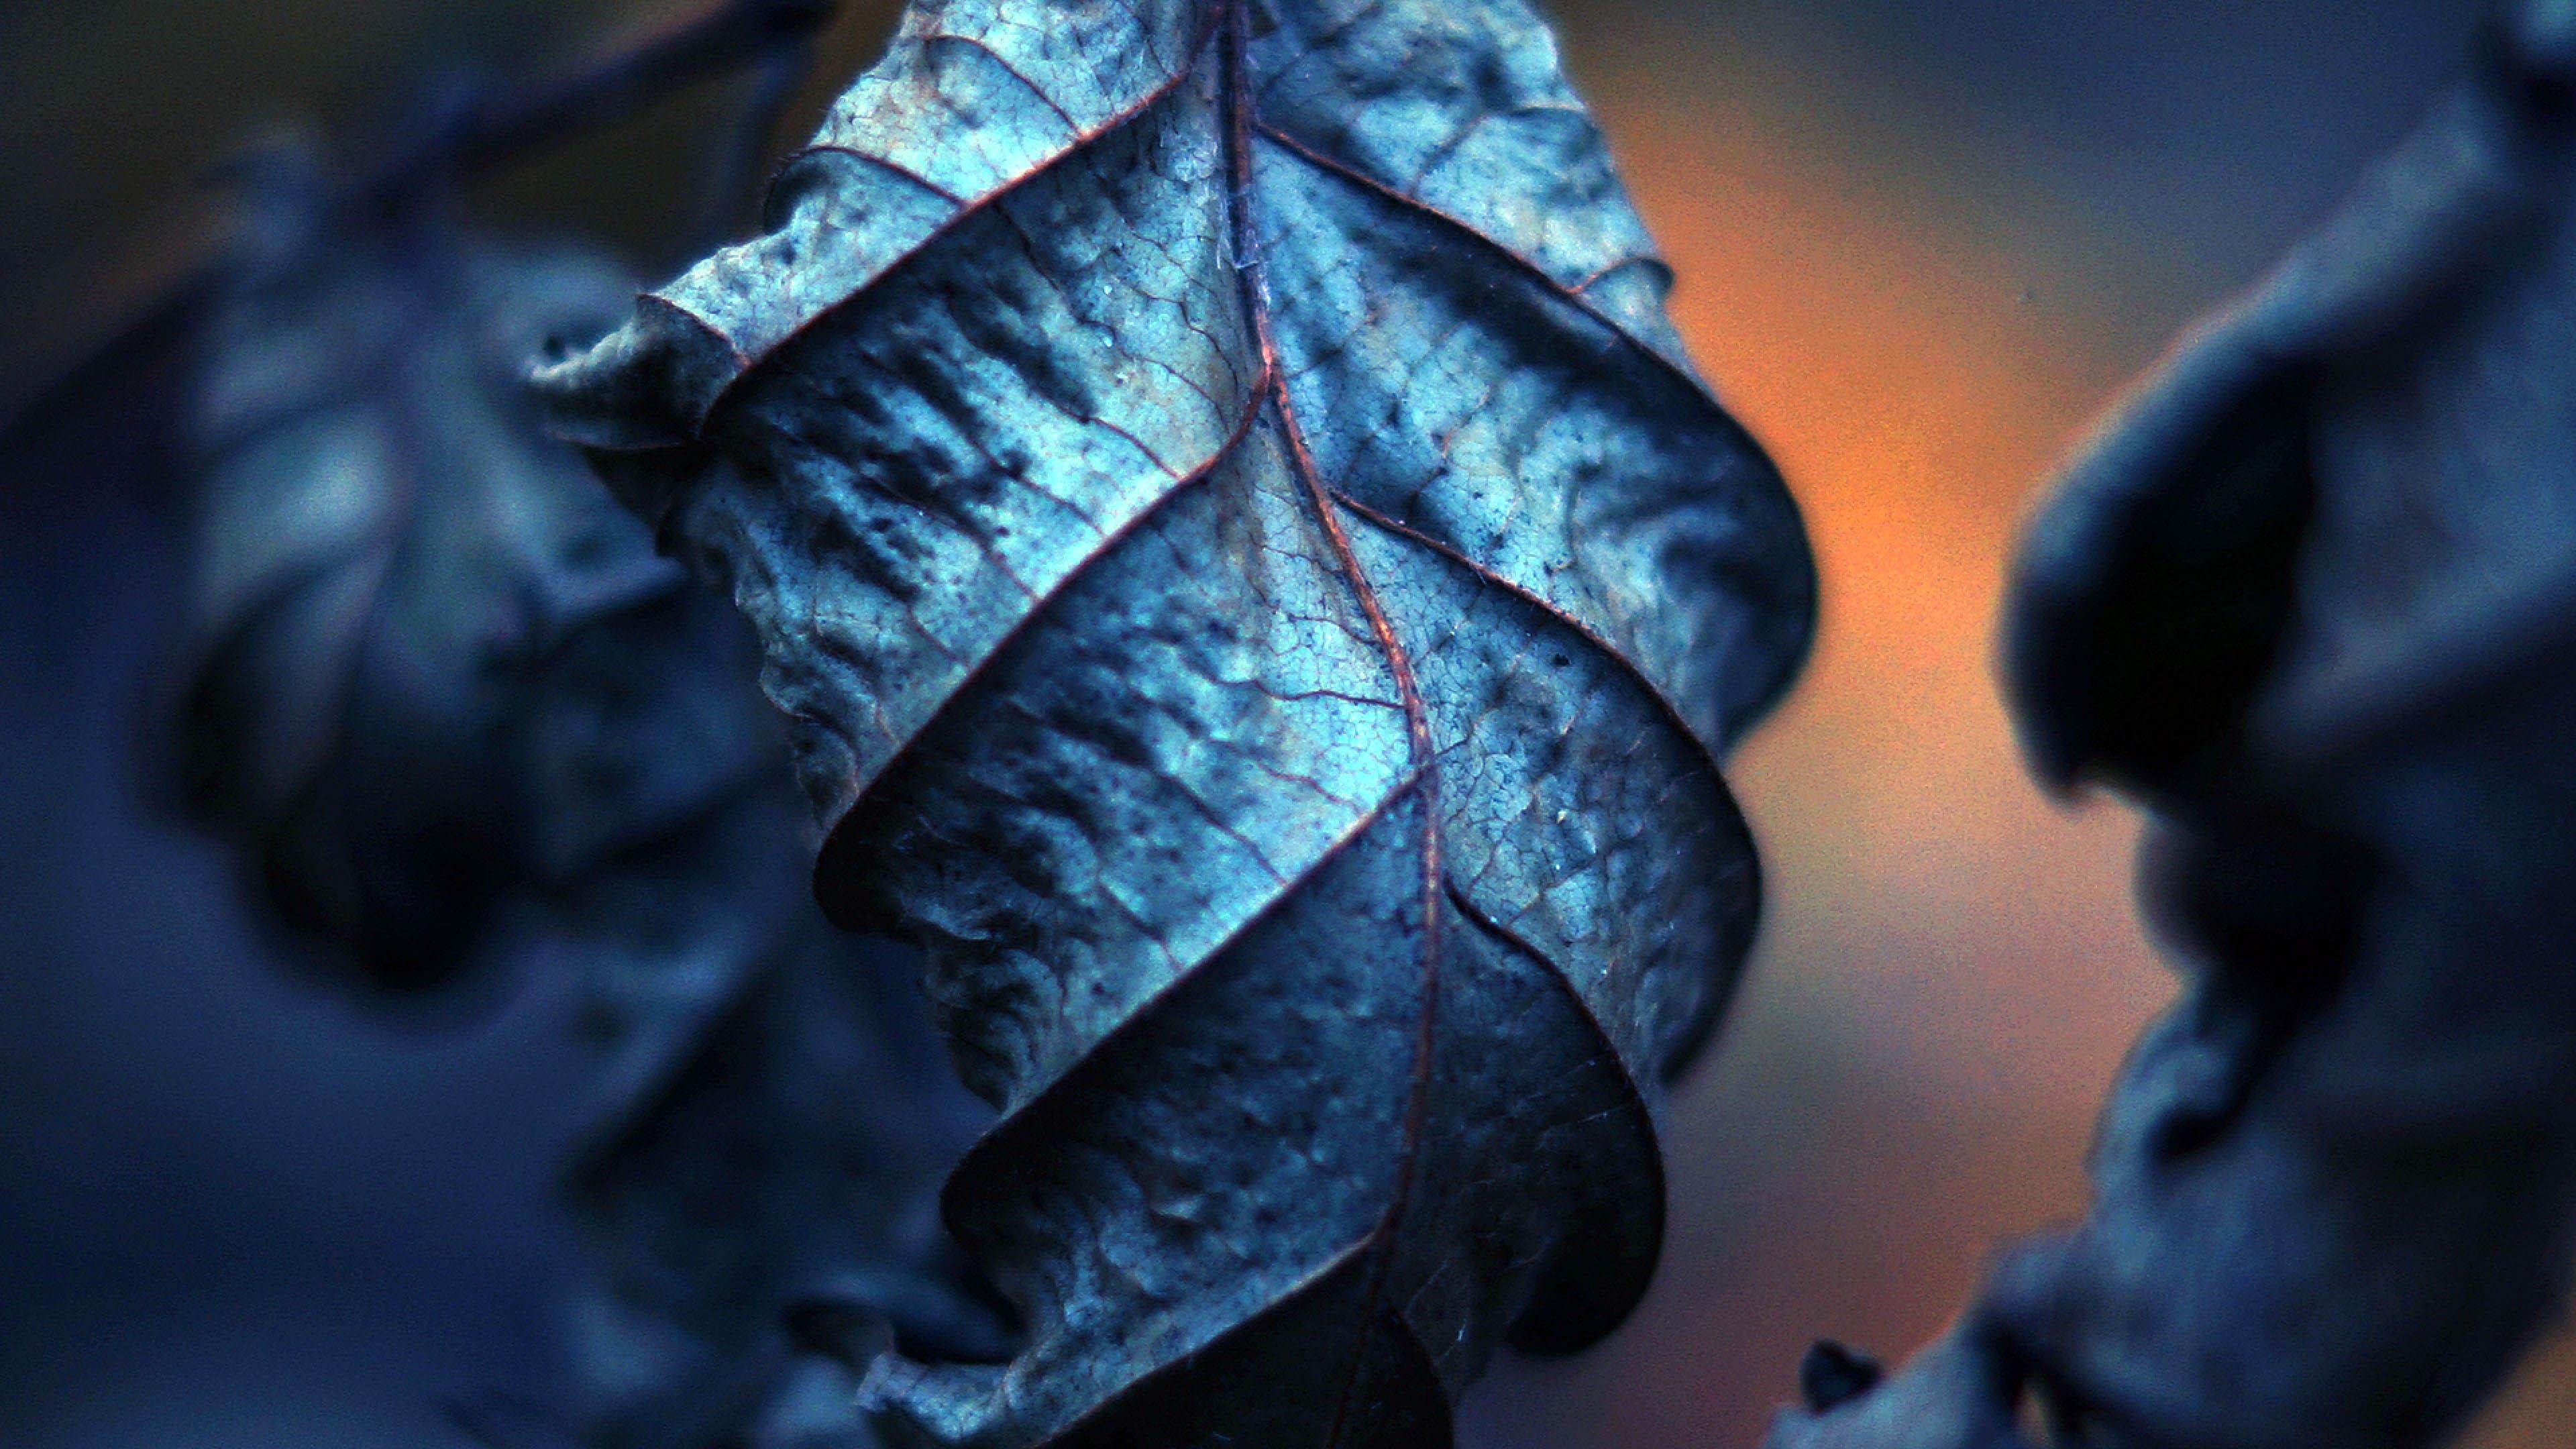 Картинка: Сухой лист, листья, прожилки, крупный план